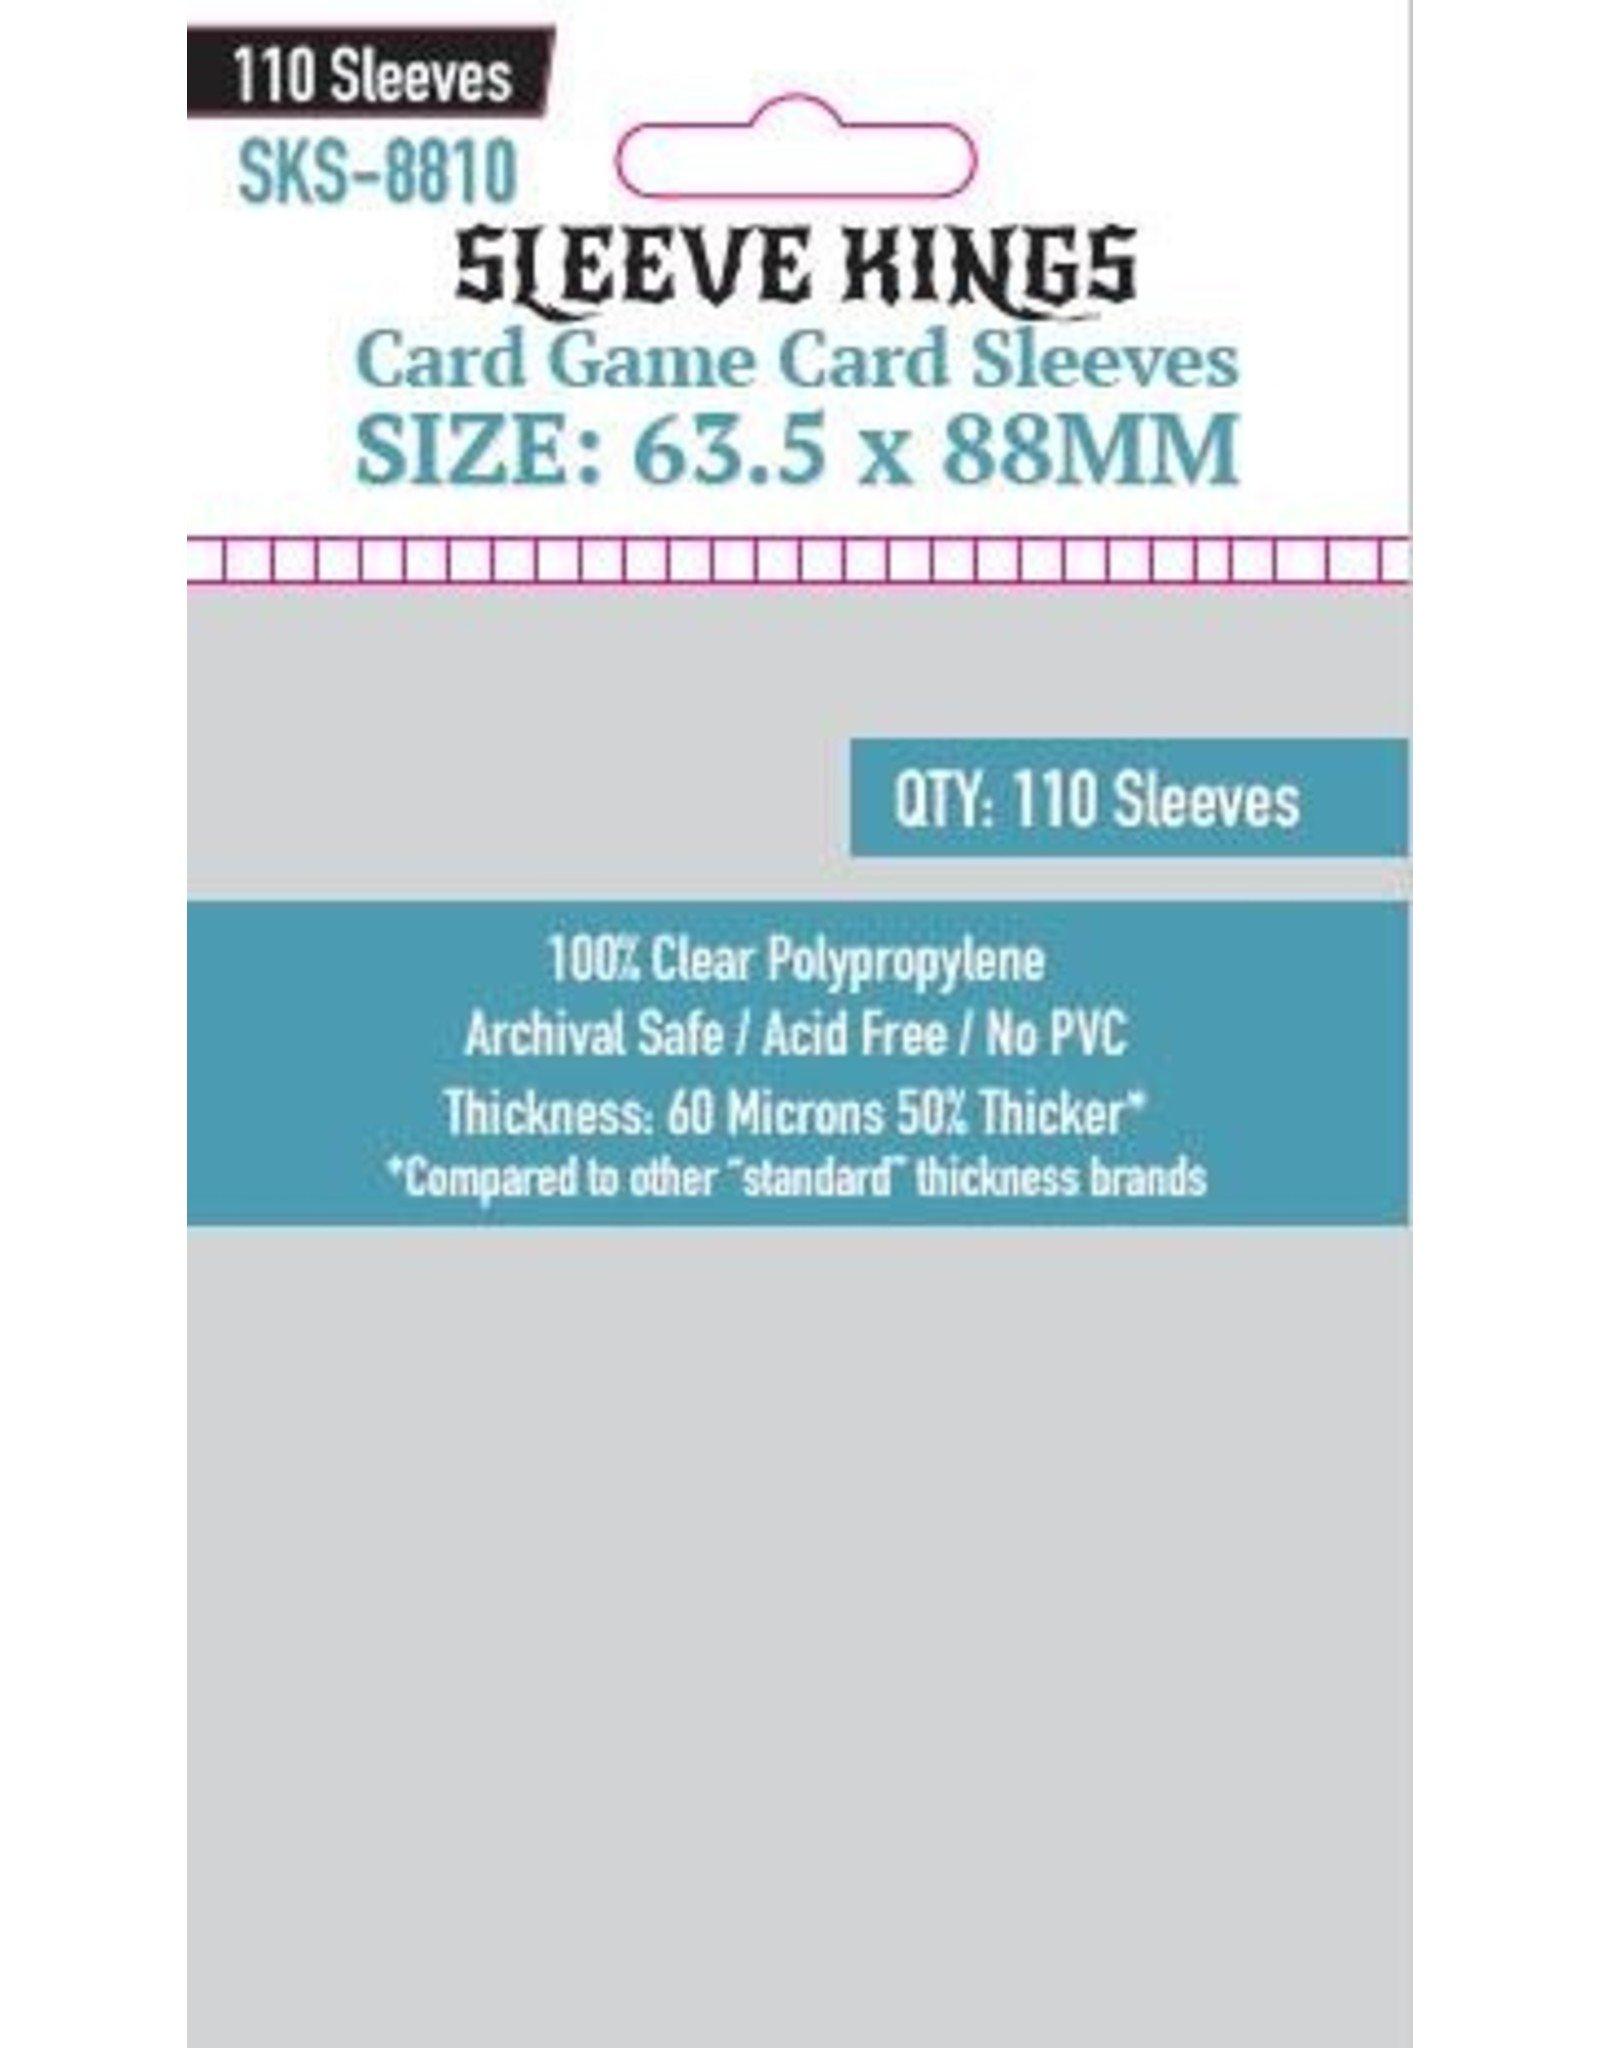 Sleeve Kings Sleeve Kings Card Game Card Sleeves (63.5x88mm) - 110 Pack